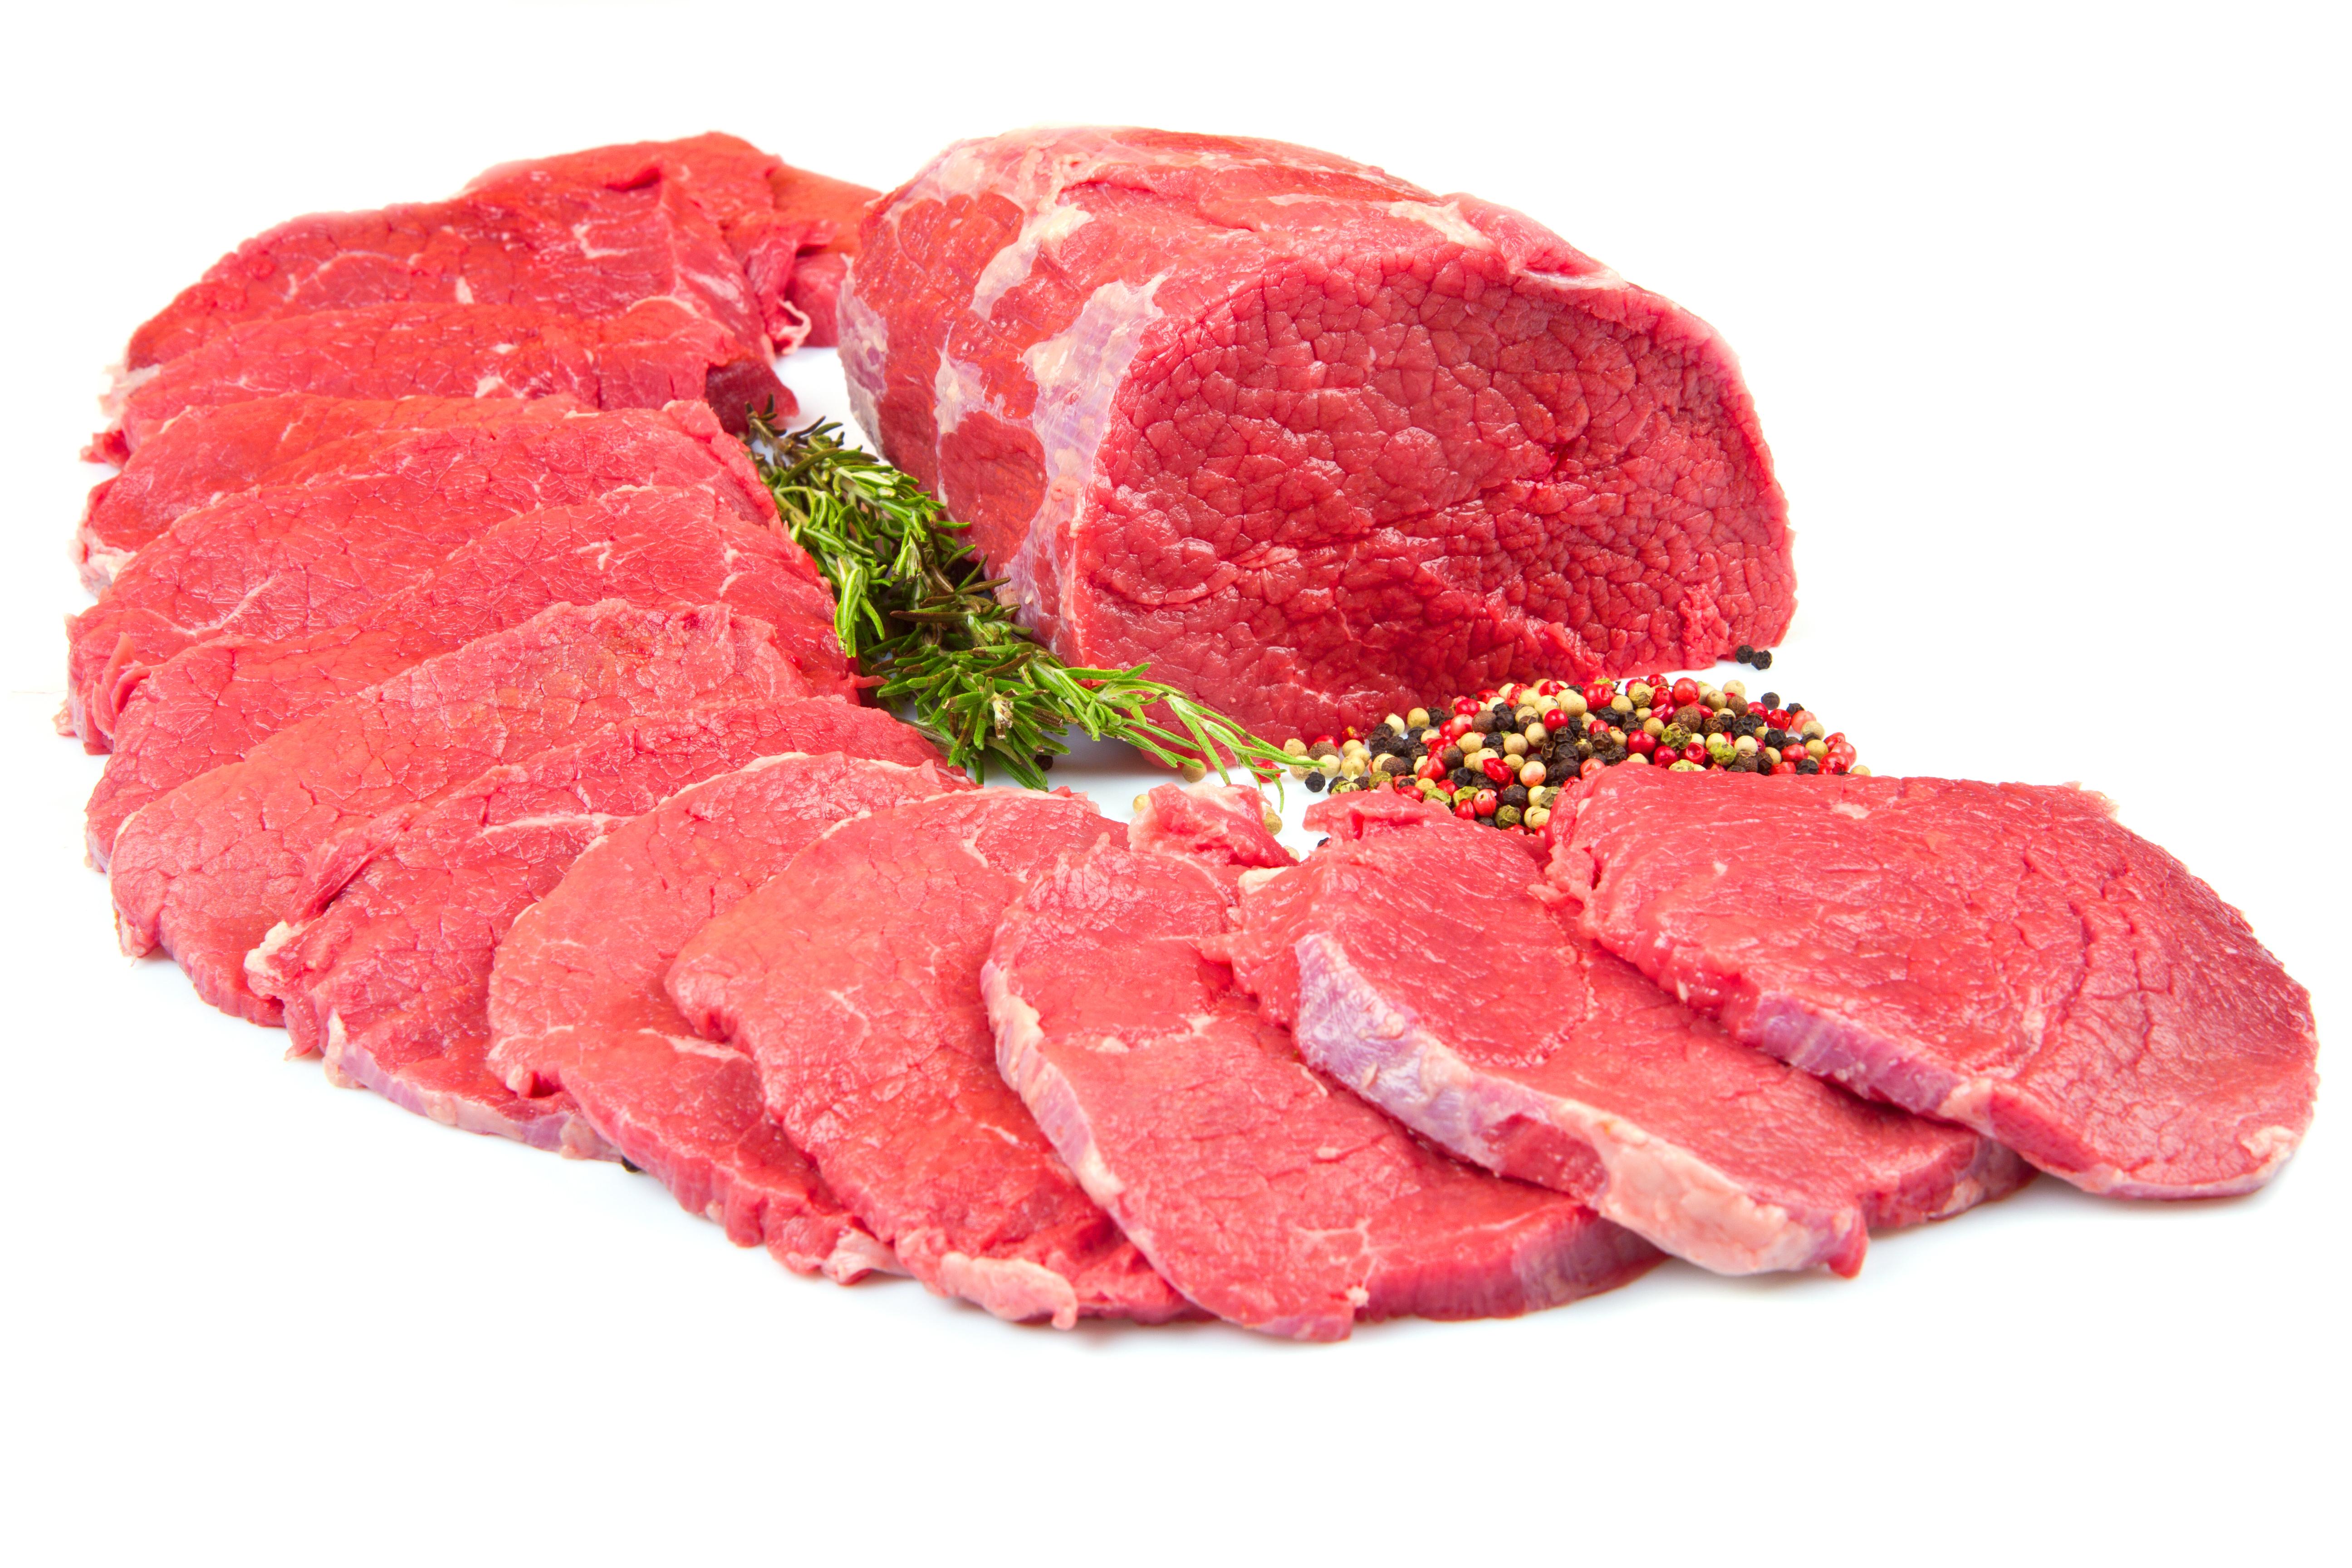 Raw white meat 2 scene 1 sandra romain 9